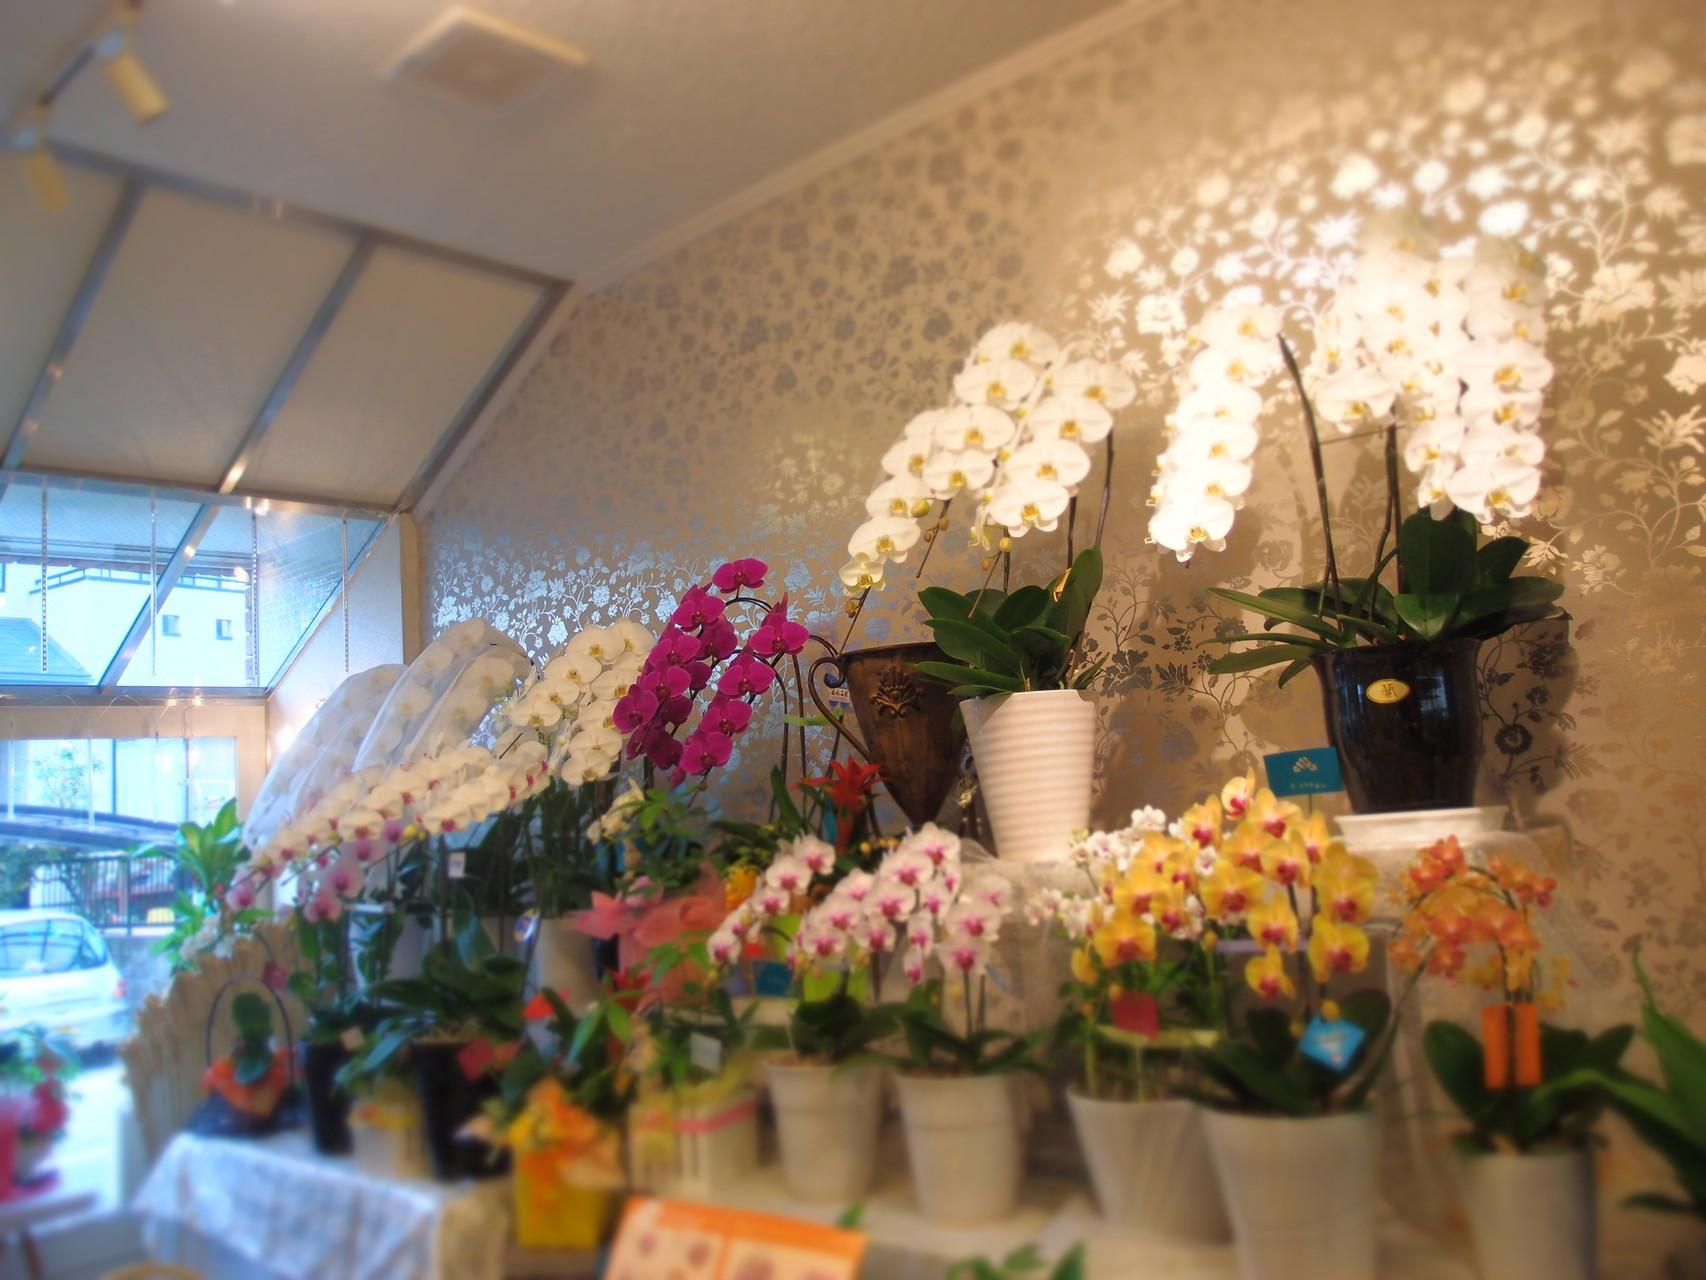 胡蝶蘭や観葉植物などの鉢物も揃えております。